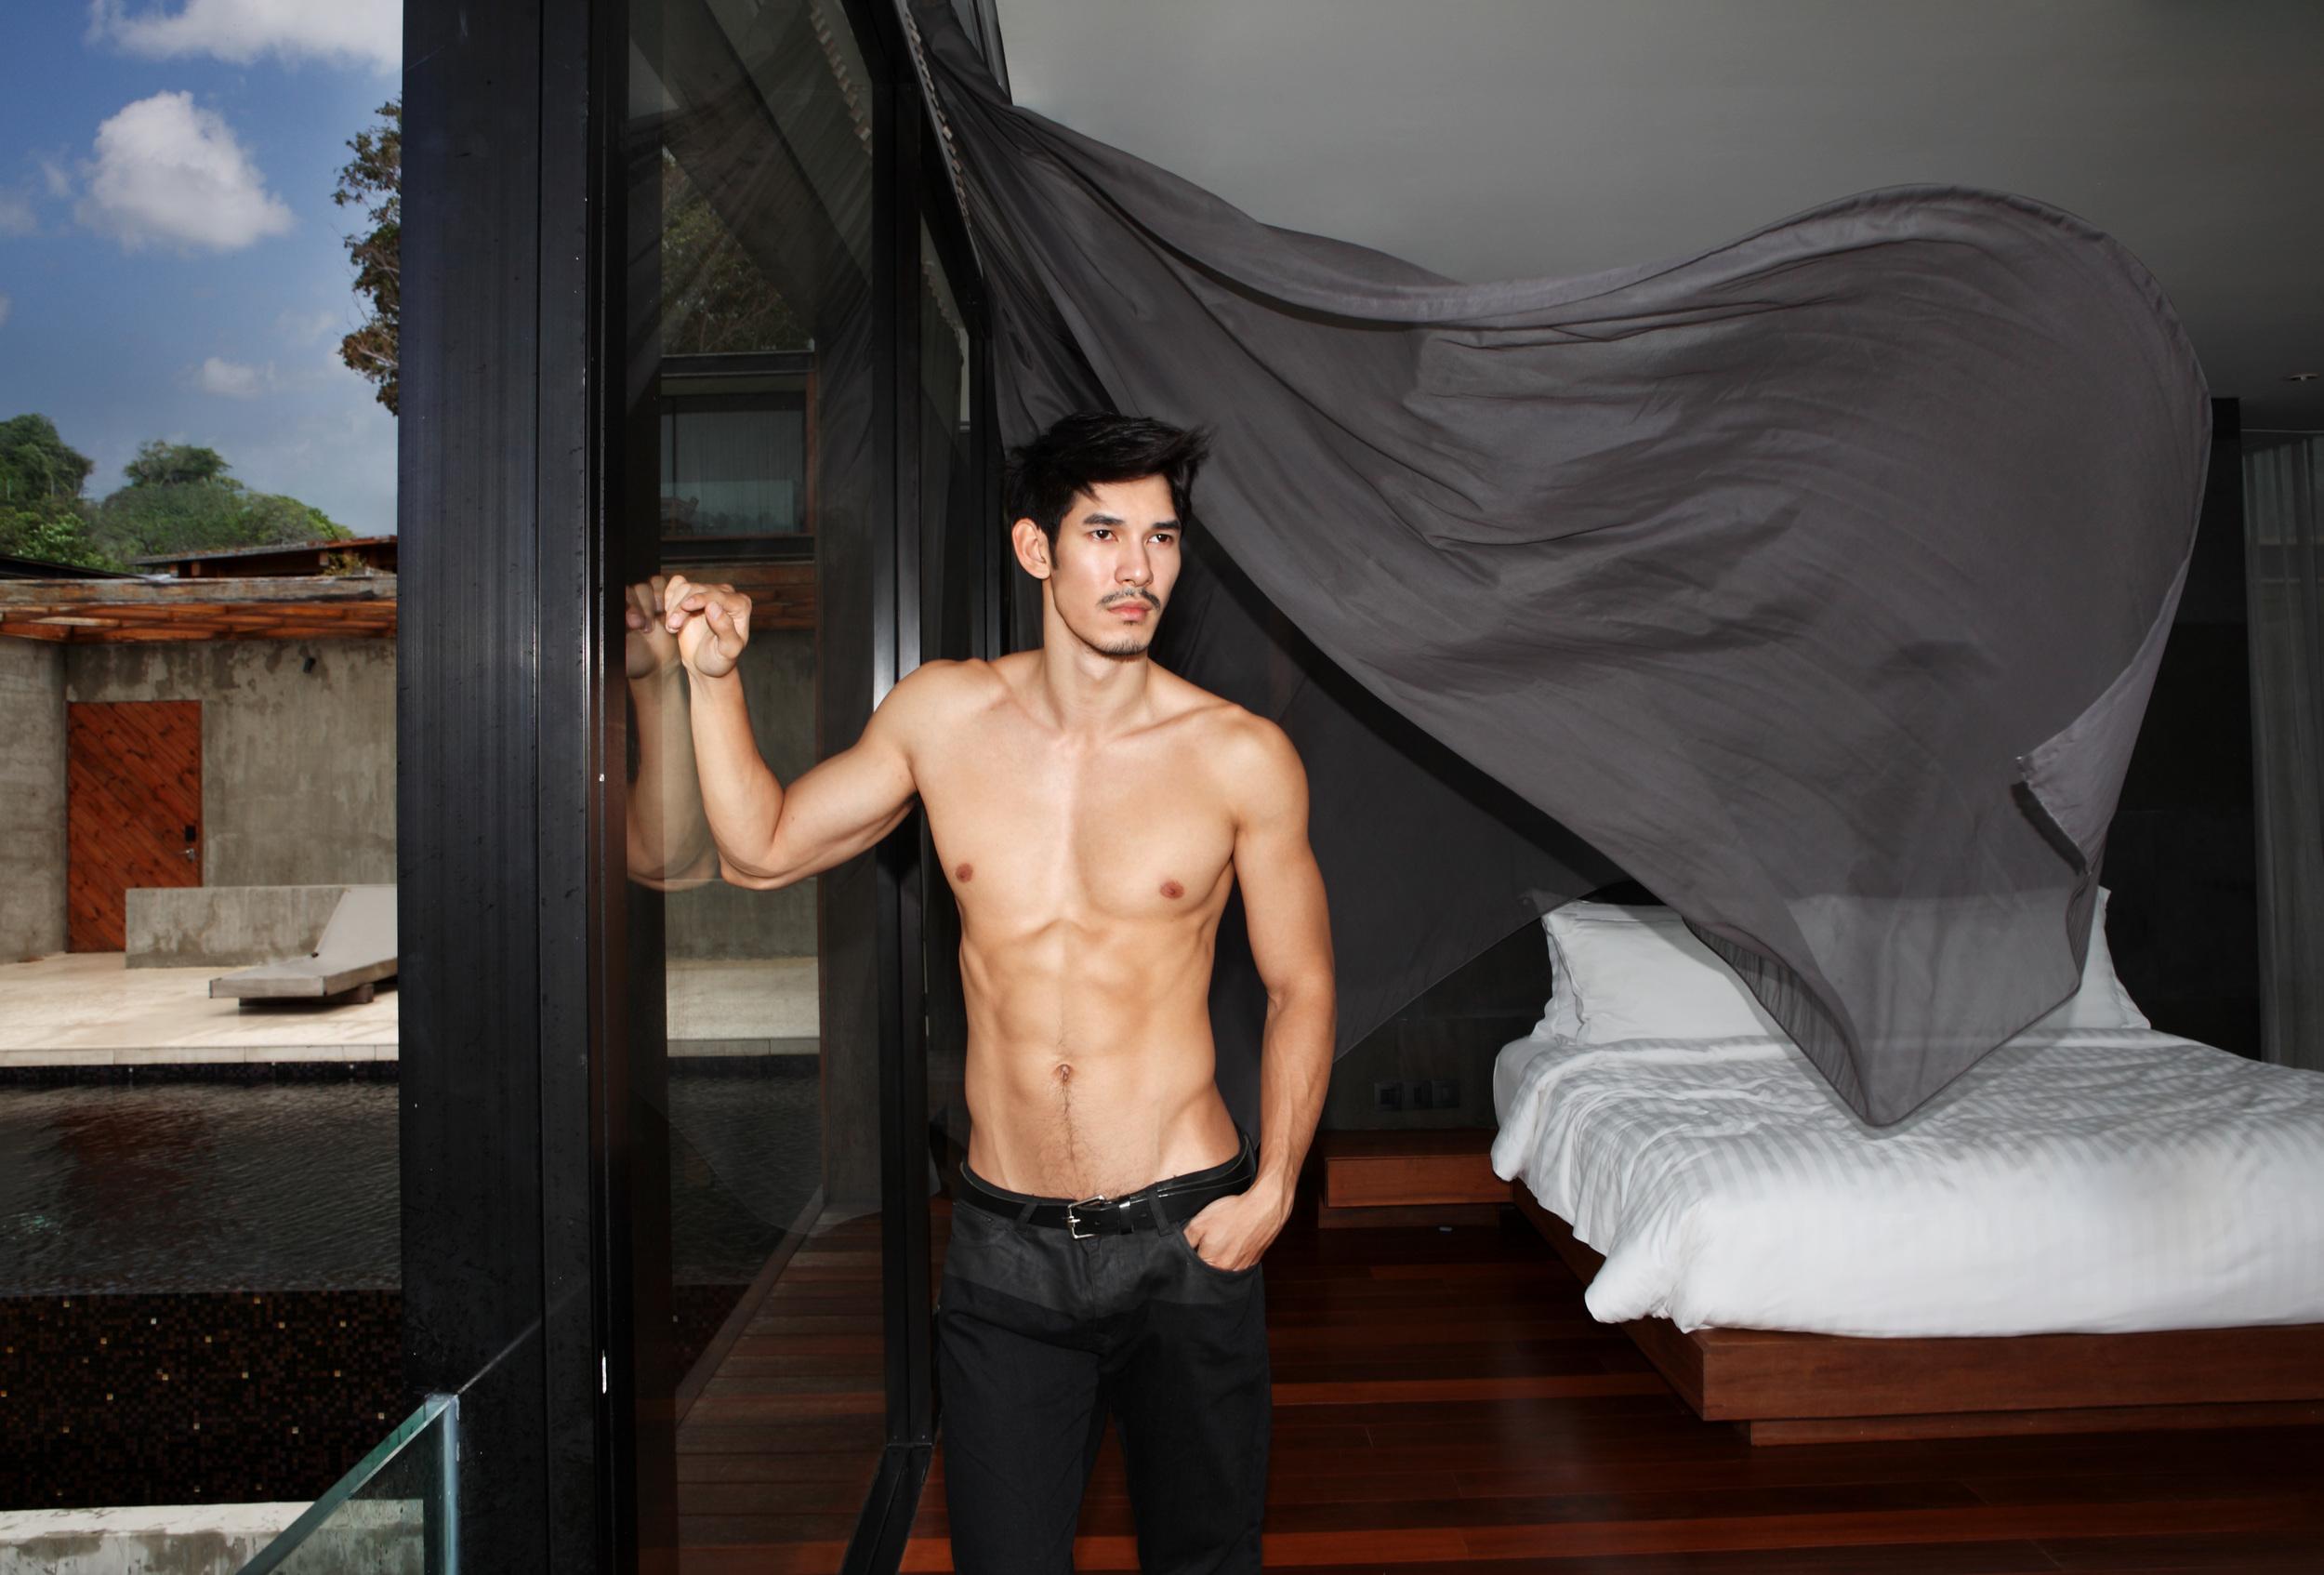 pants : DKNY